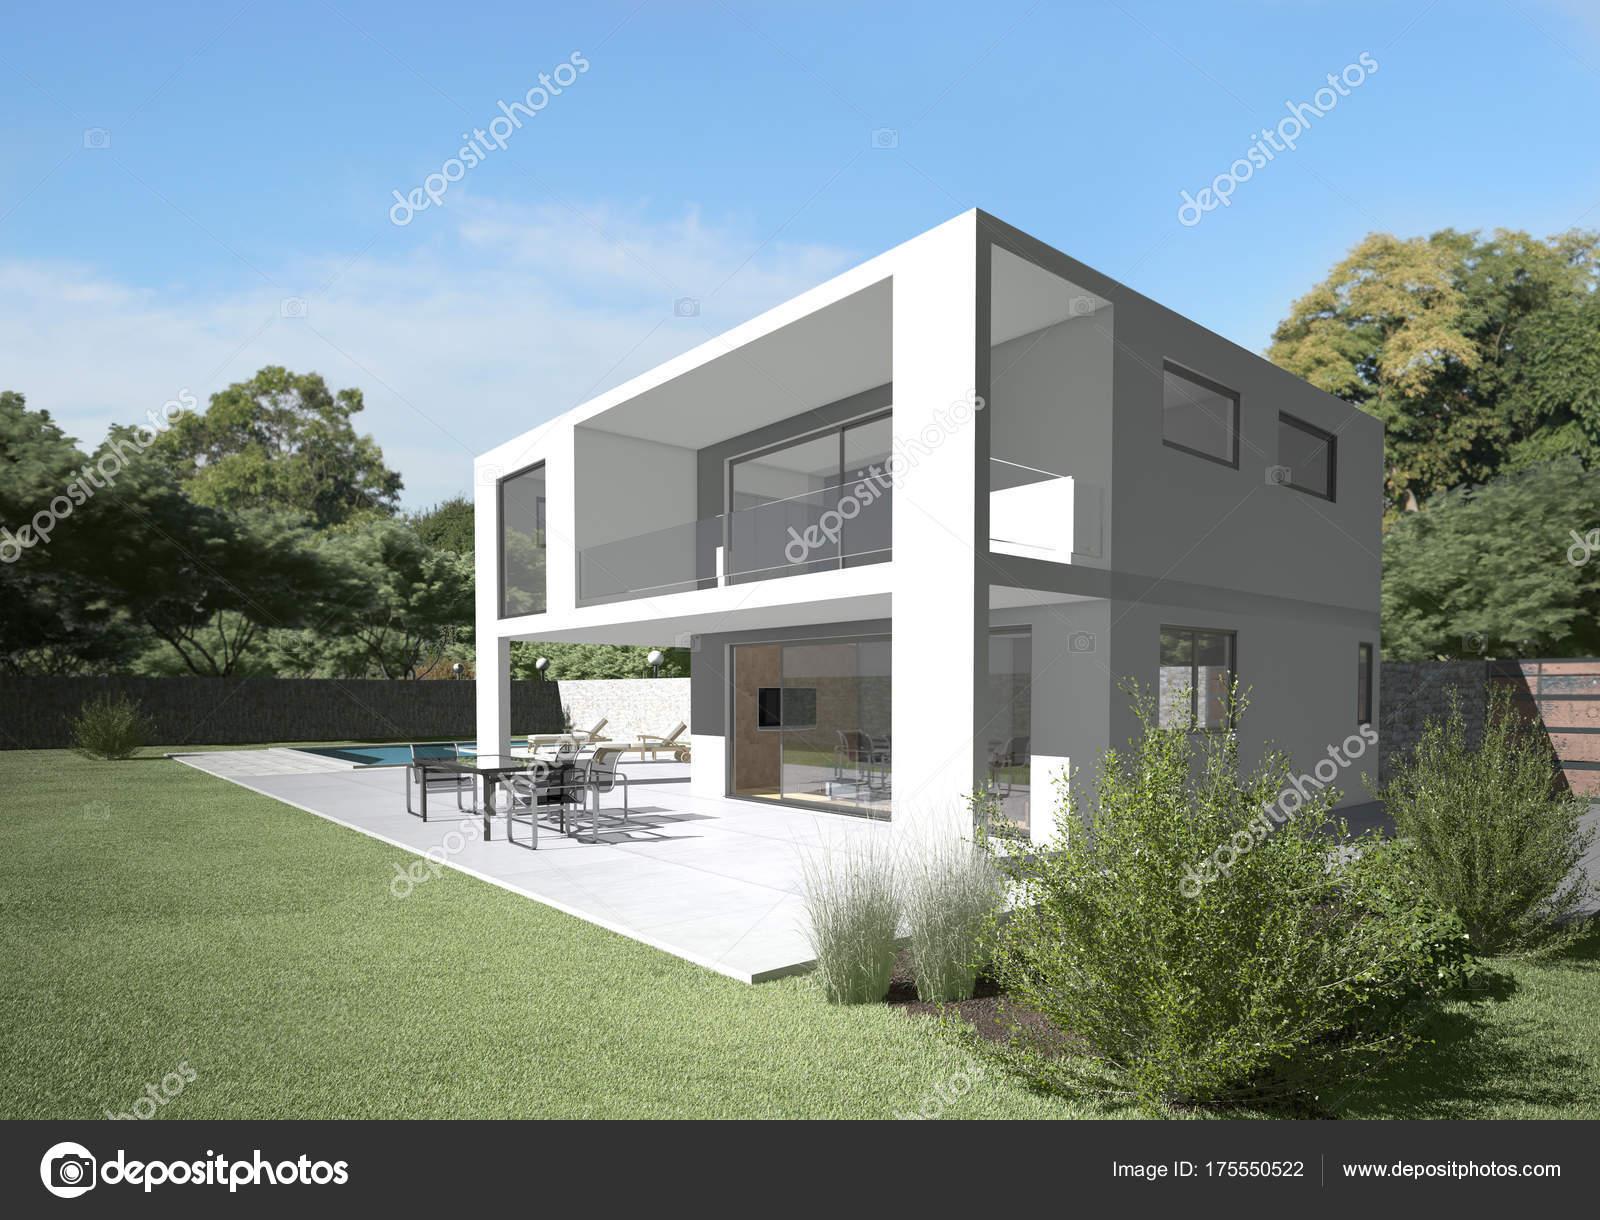 Moderne villa met terras tuin schone ontwerp materialen rustige